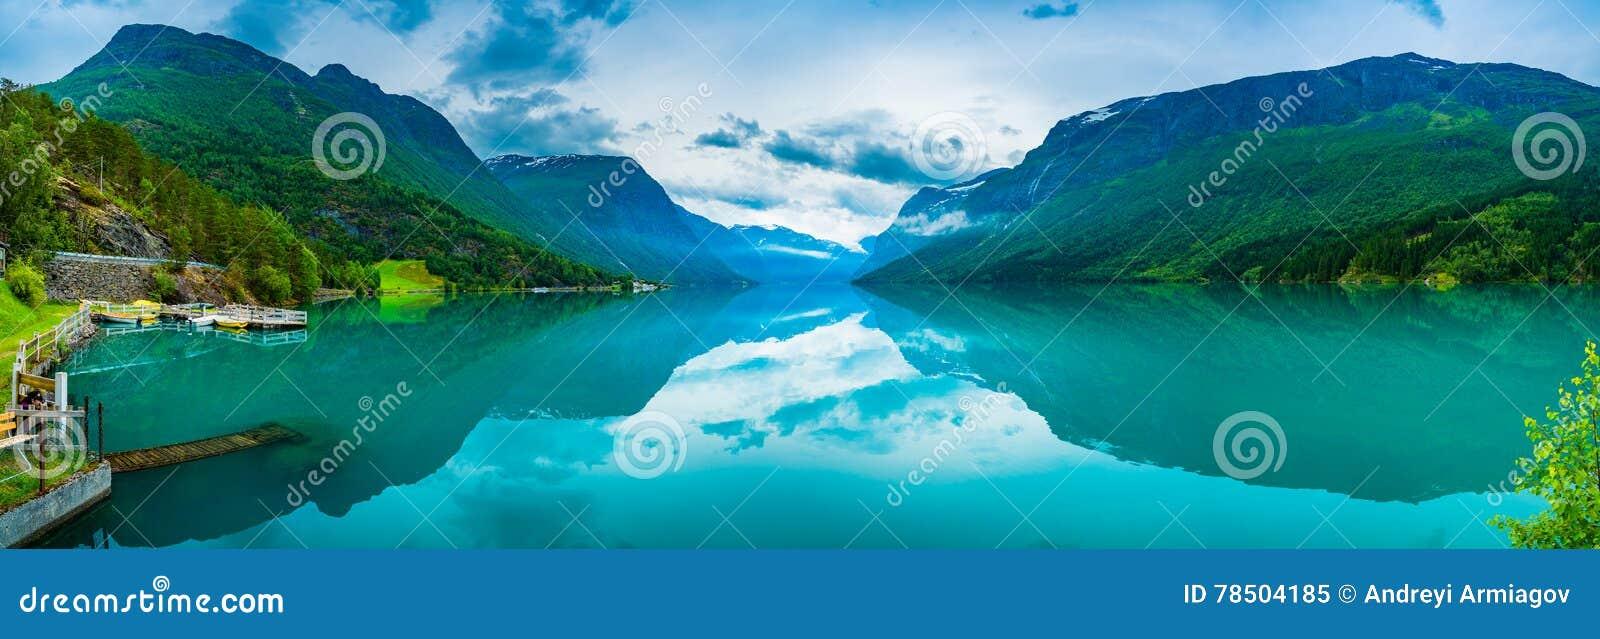 Природа Норвегия озера Lovatnet красивая